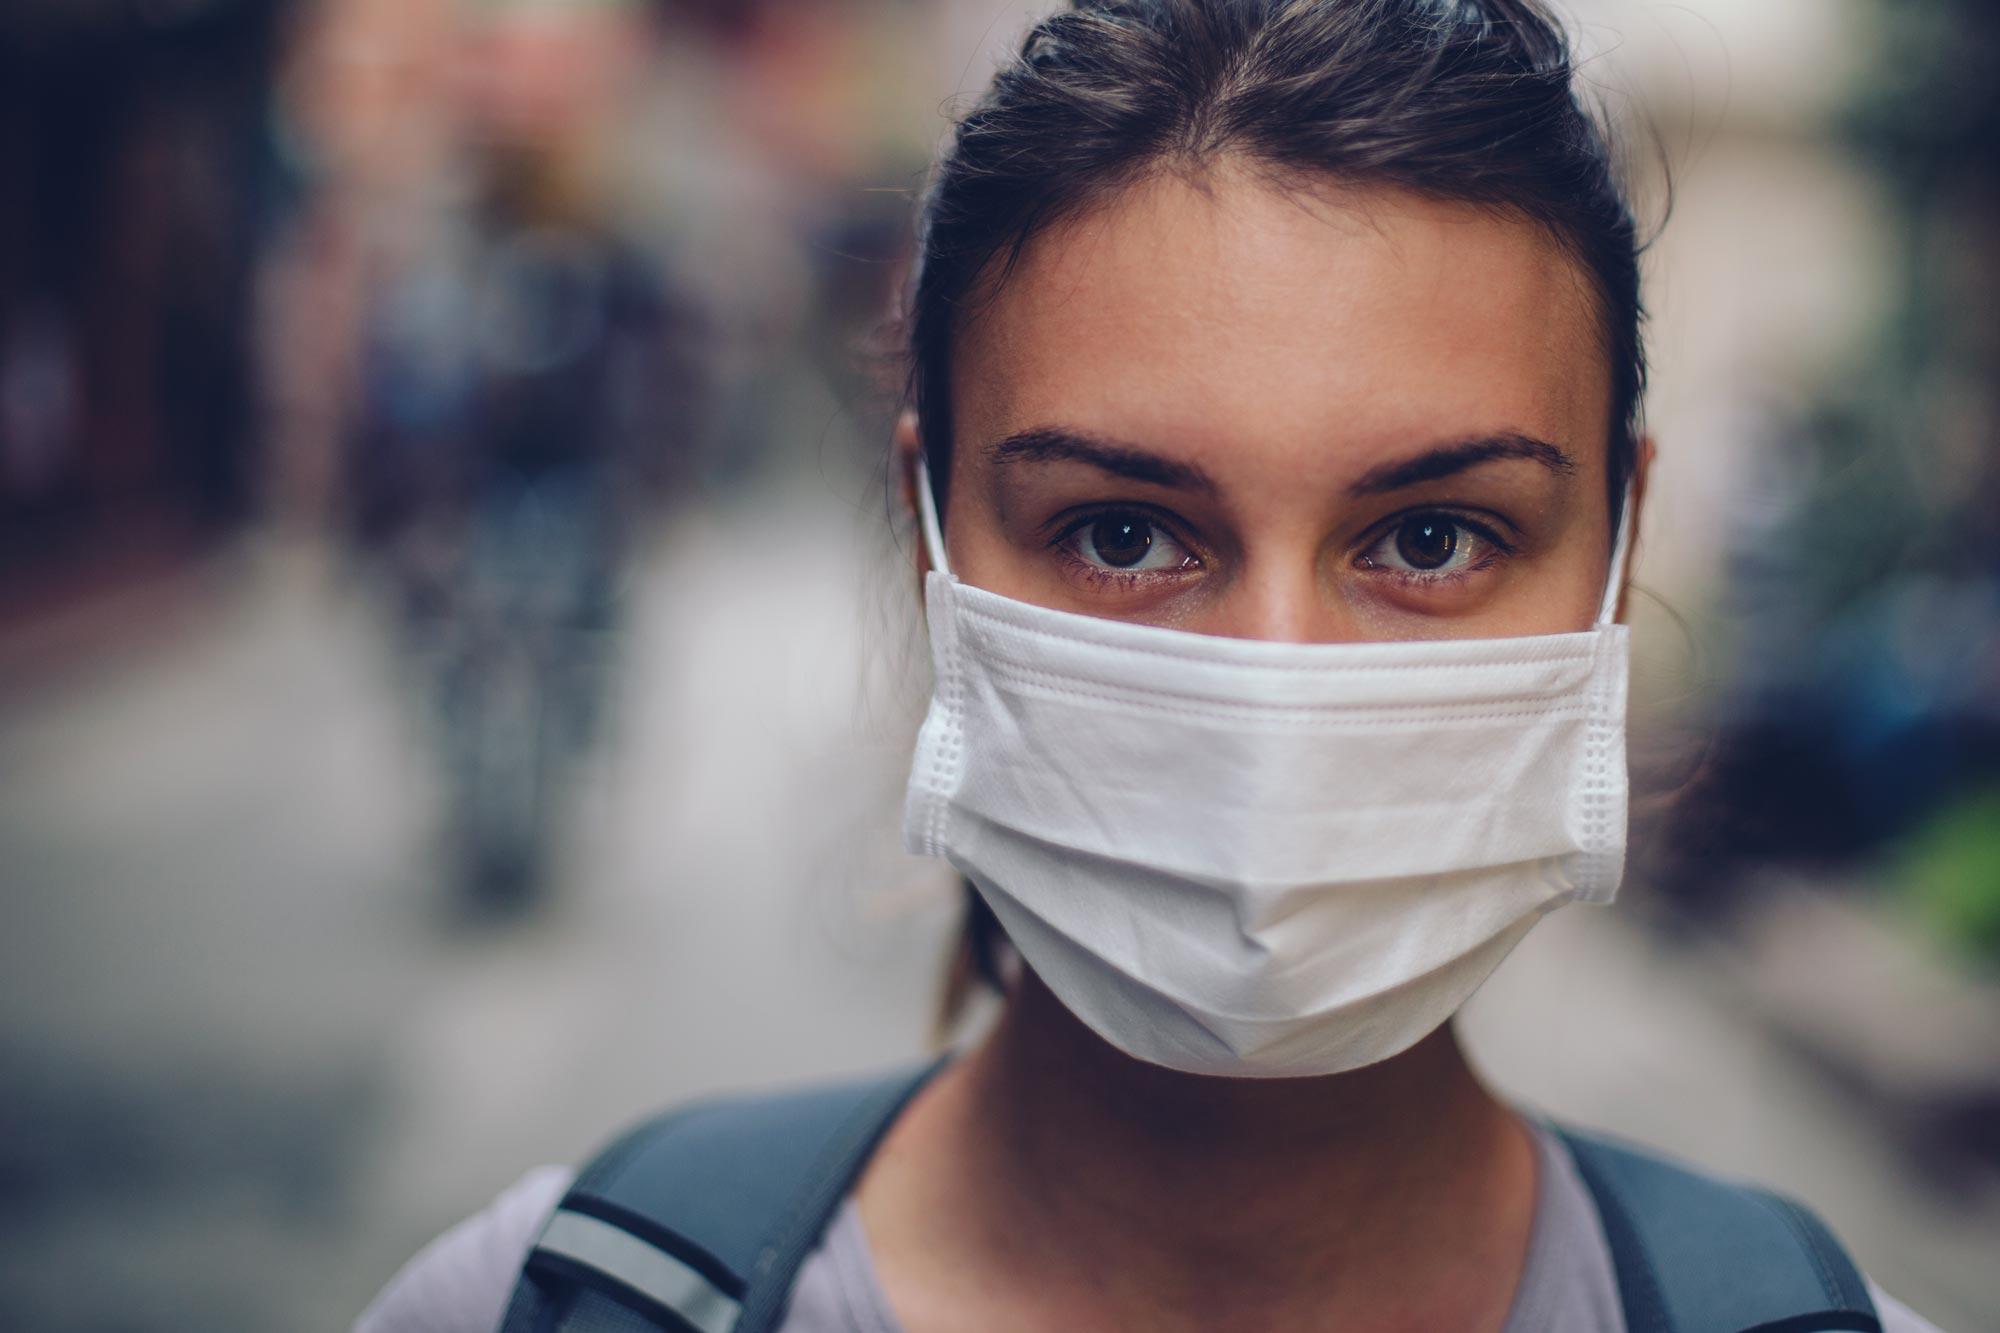 Γρίπη και Κορωνοϊός: Τα μετρά οδήγησαν σε μηδενική δραστηριότητα της γρίπης